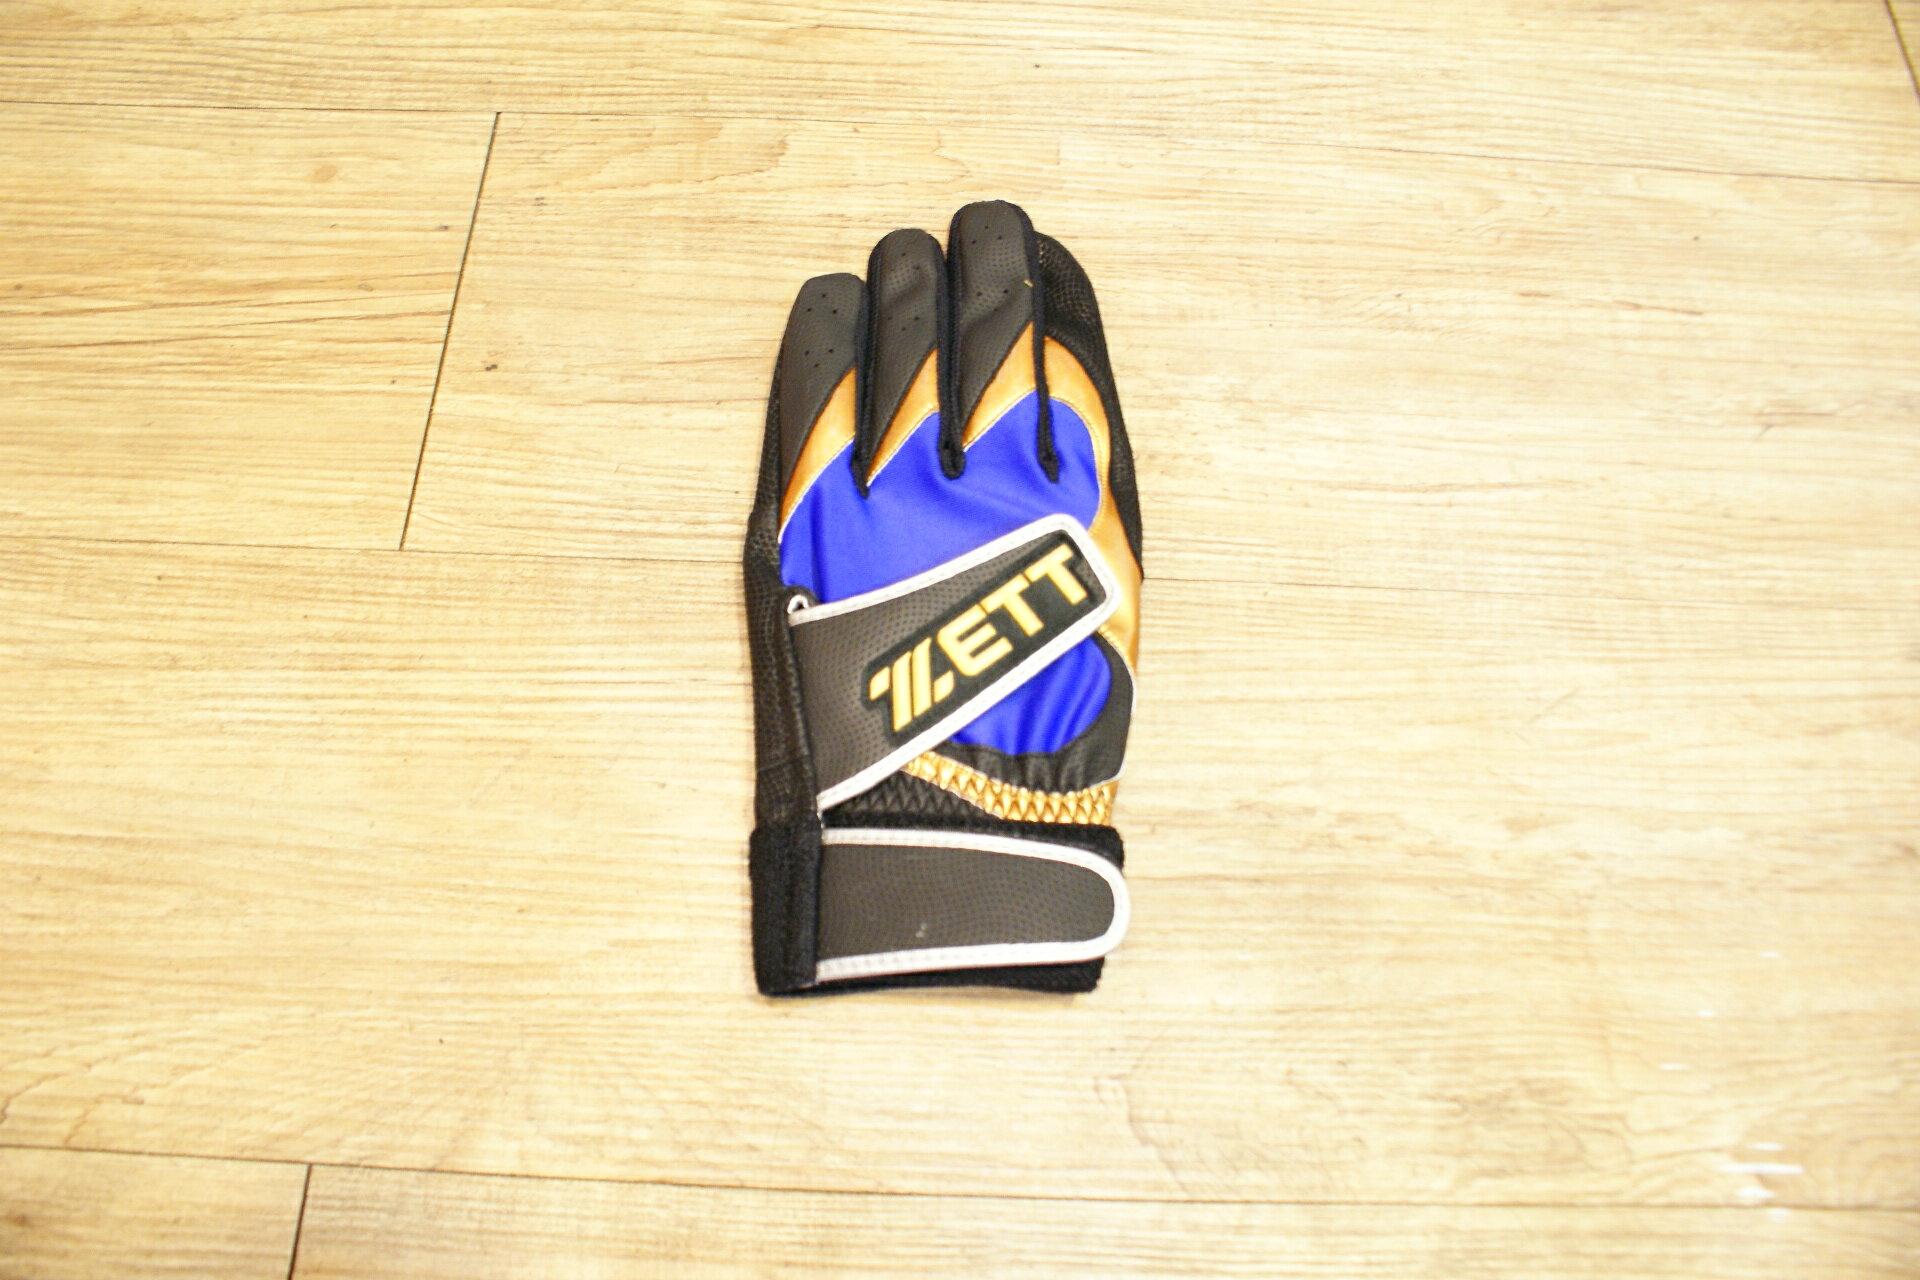 棒球世界 14年ZETT 進口山羊皮打擊手套 特價 雙魔鬼沾設計 黑藍配色